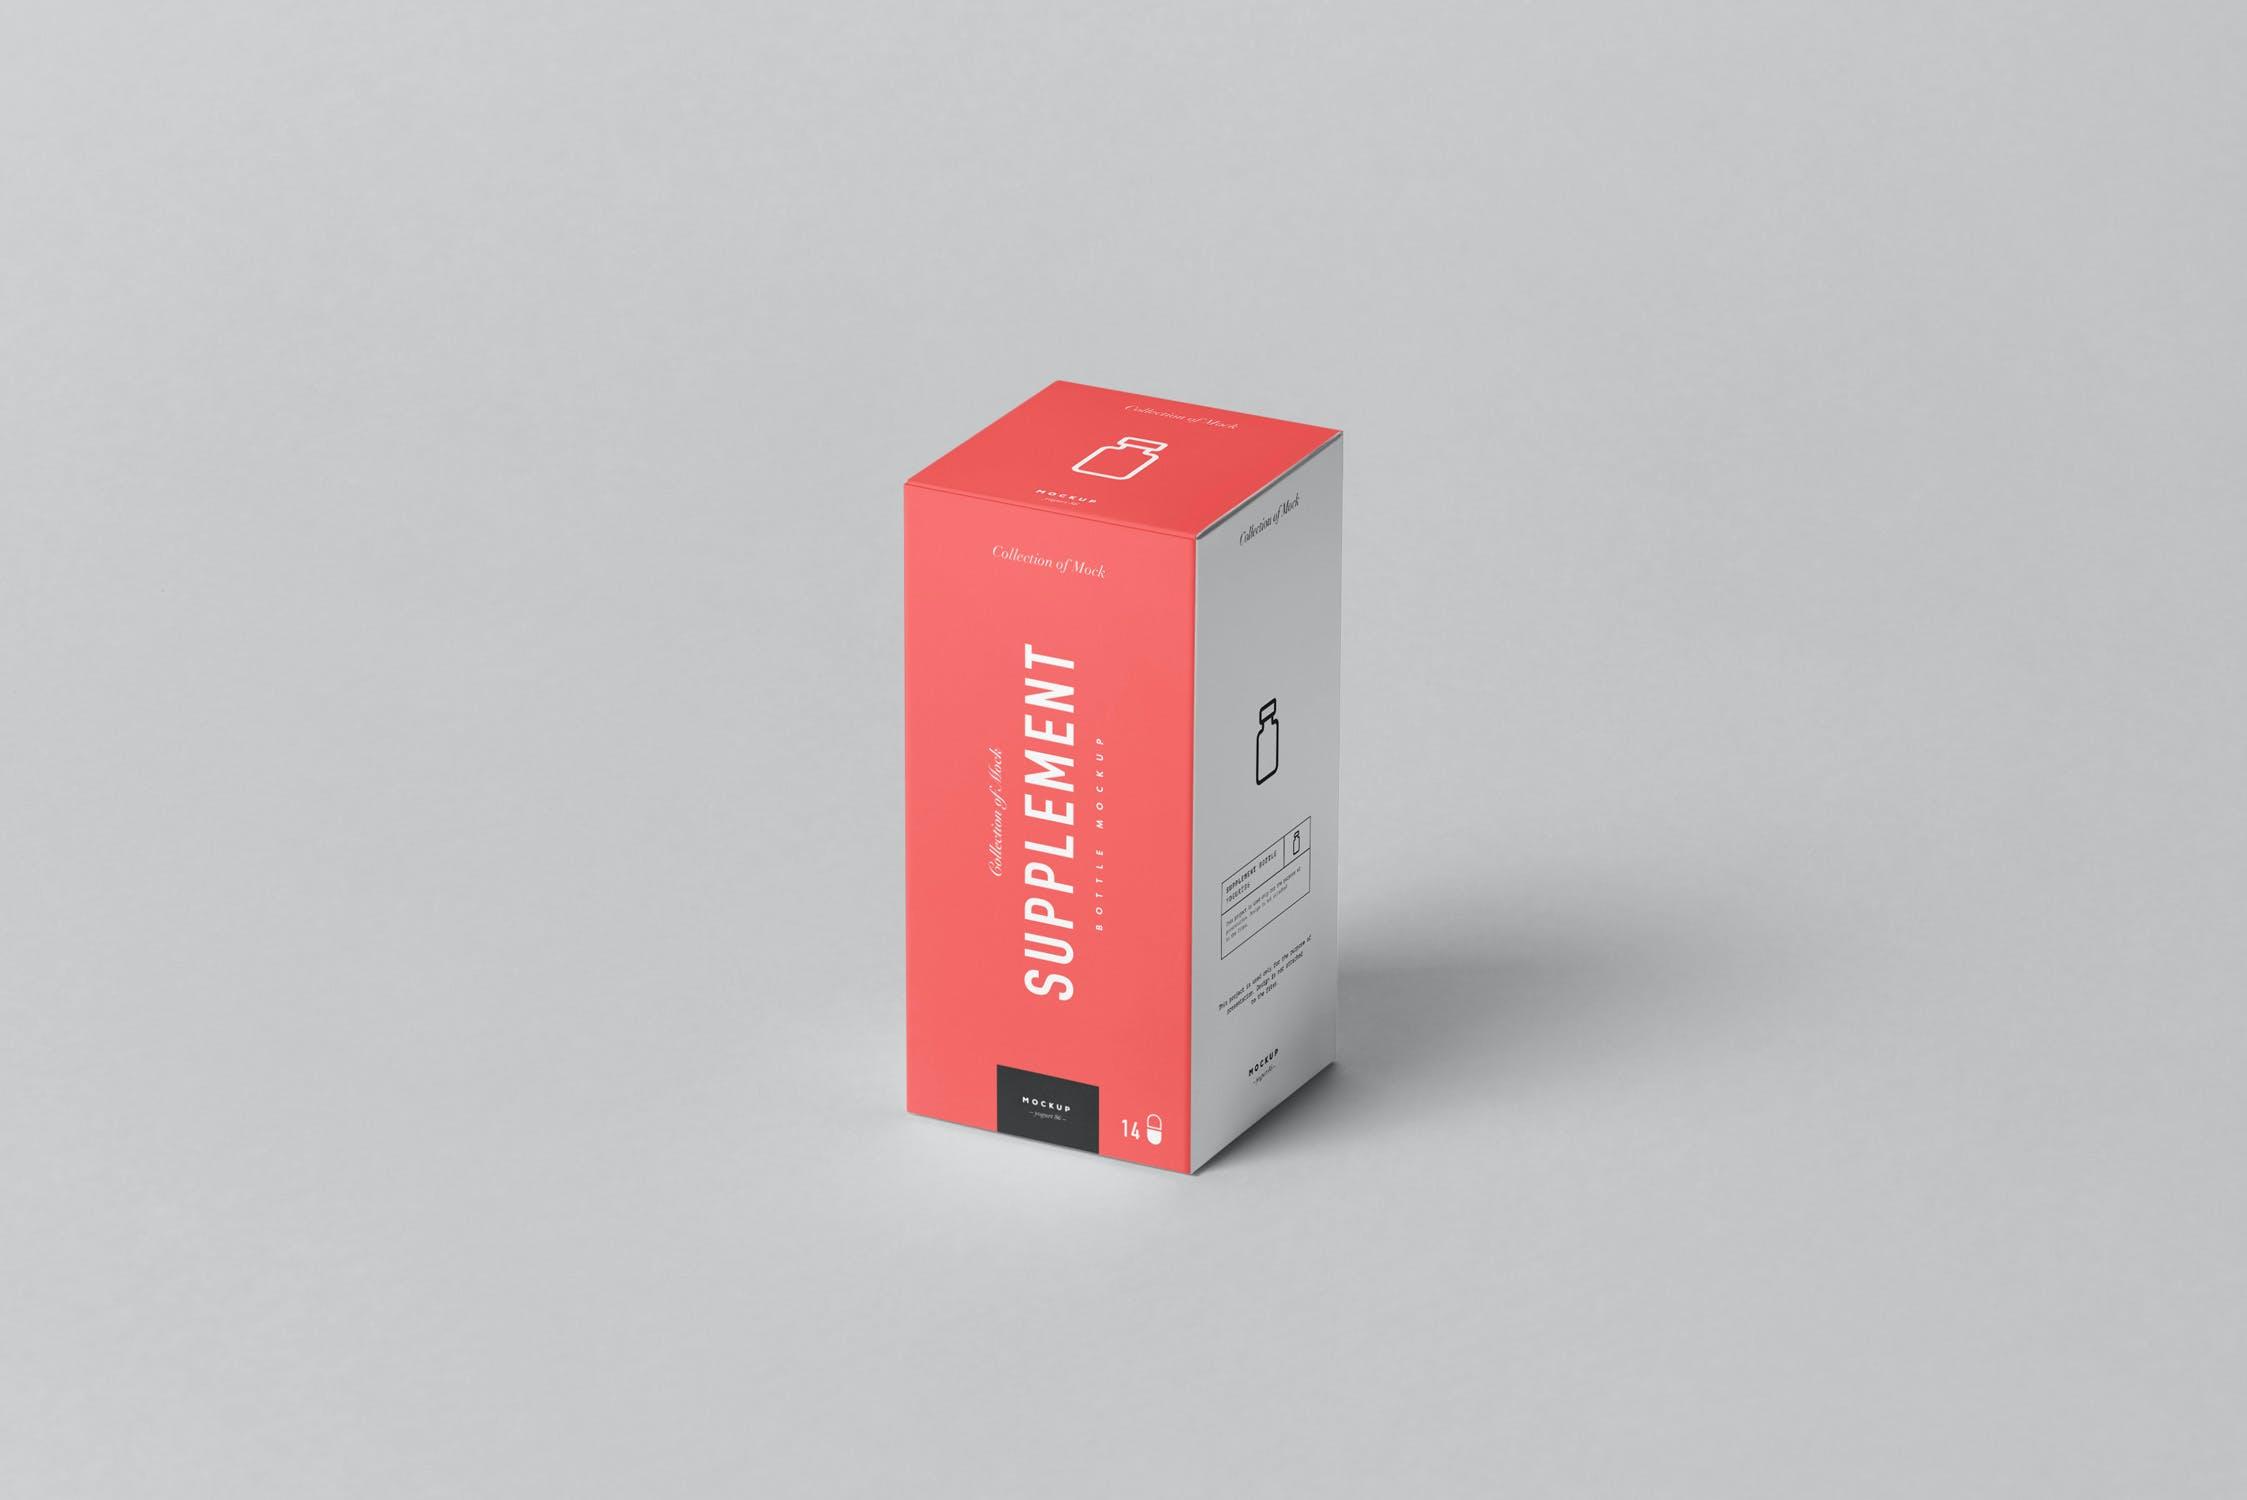 9款药物塑料补充瓶包装纸盒设计展示样机模板 Supplement Jar & Box Mockup 4插图(2)